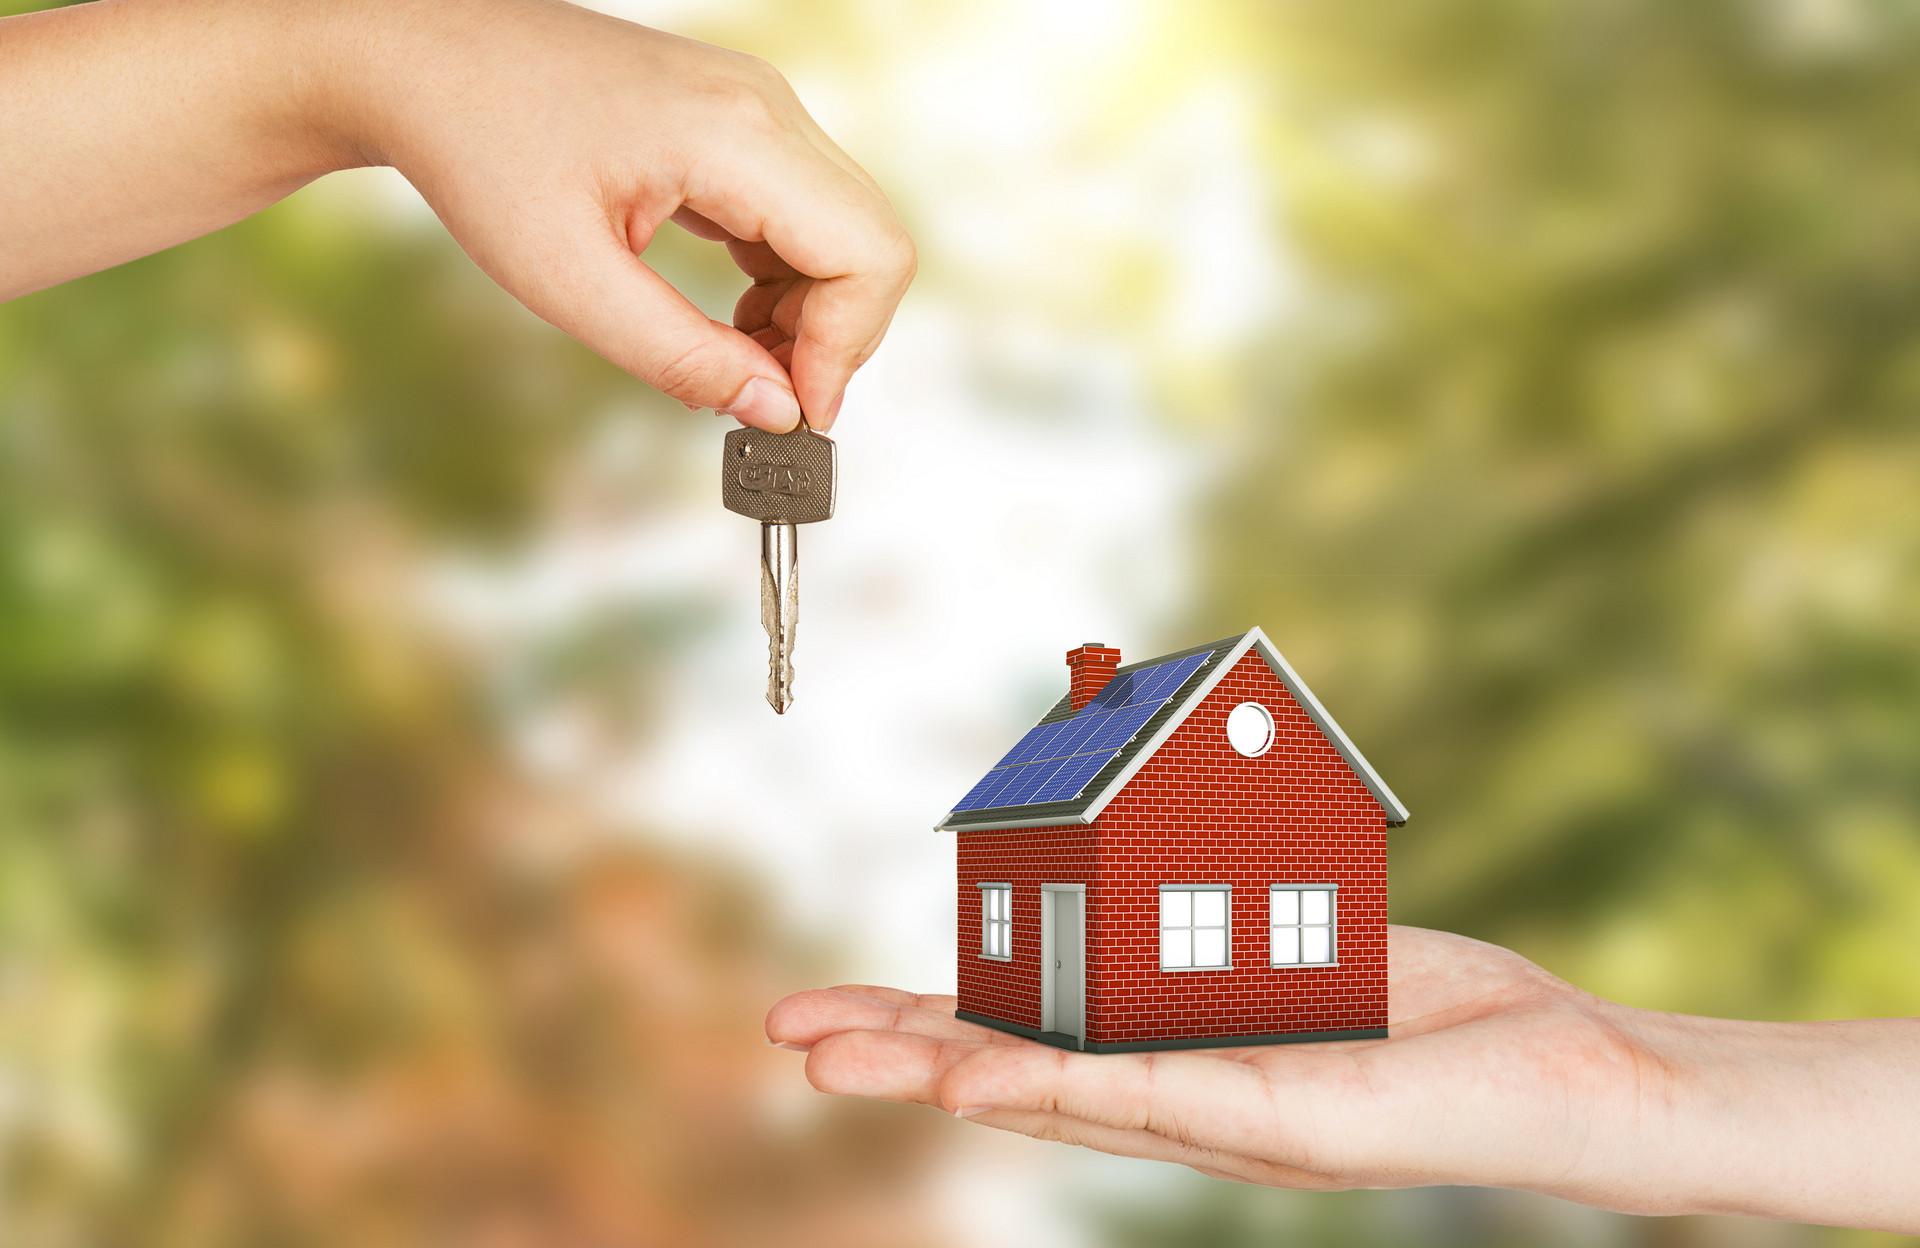 2019年房贷新政 这几类人今年可能申请不到房贷